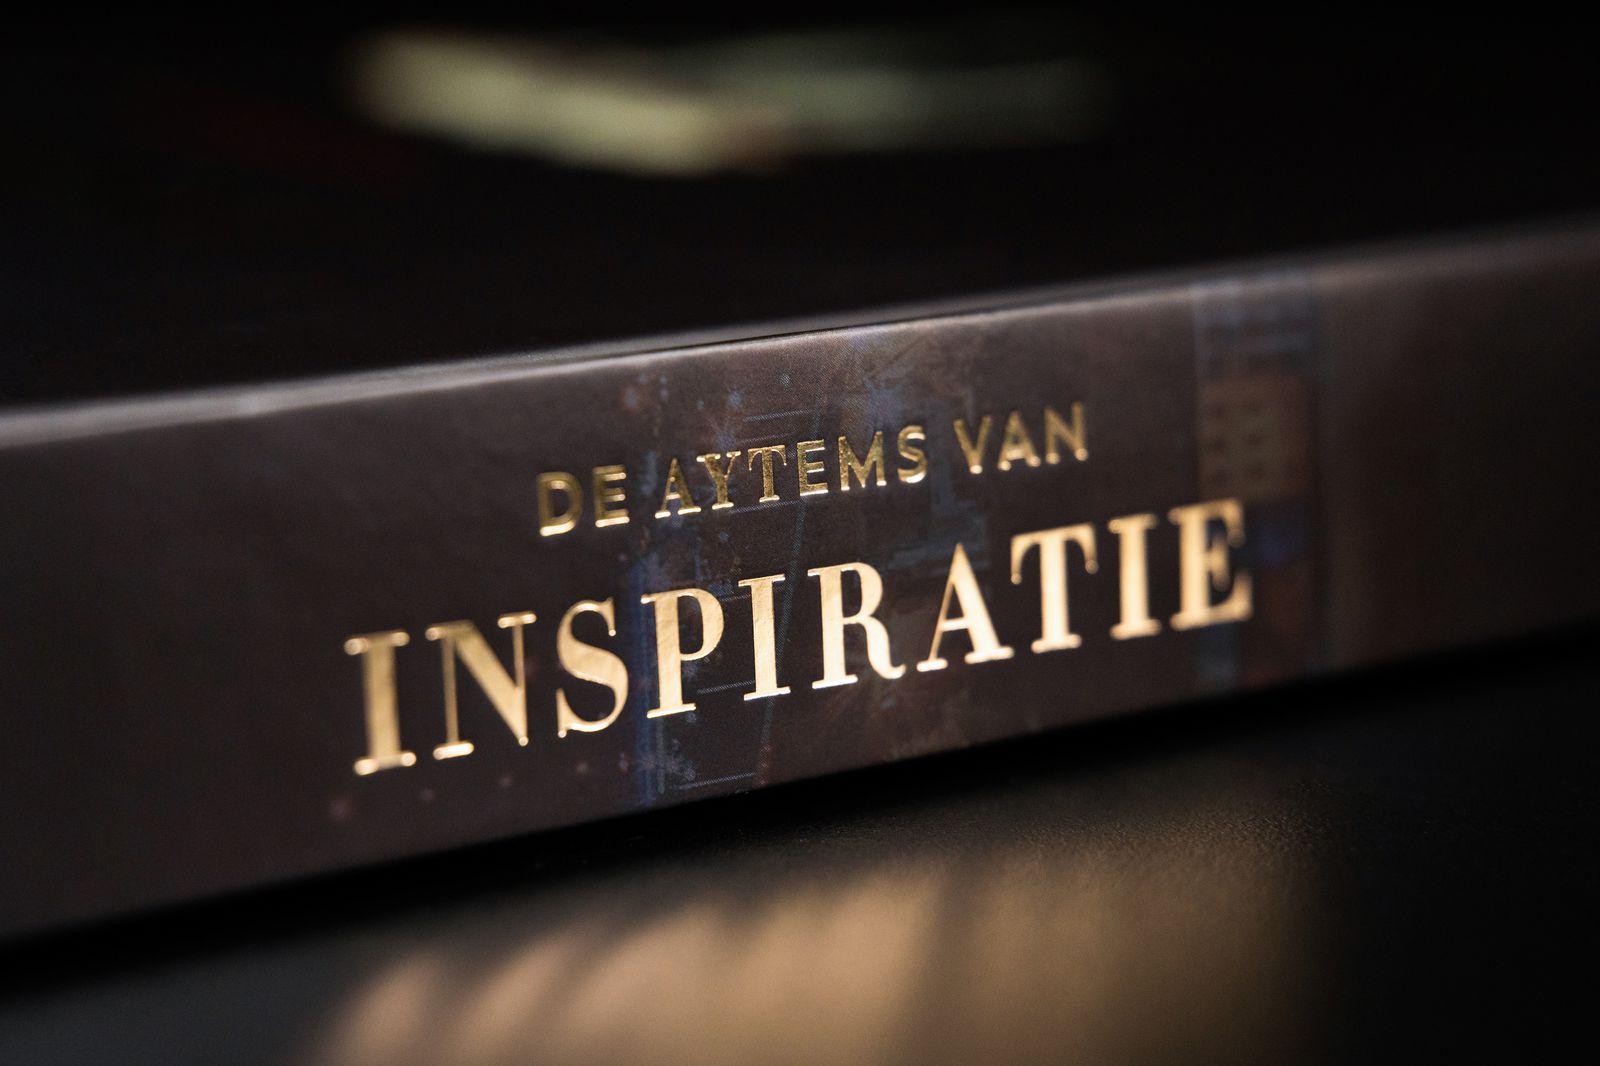 De Aytems van inspiratie - Detail 3.jpg